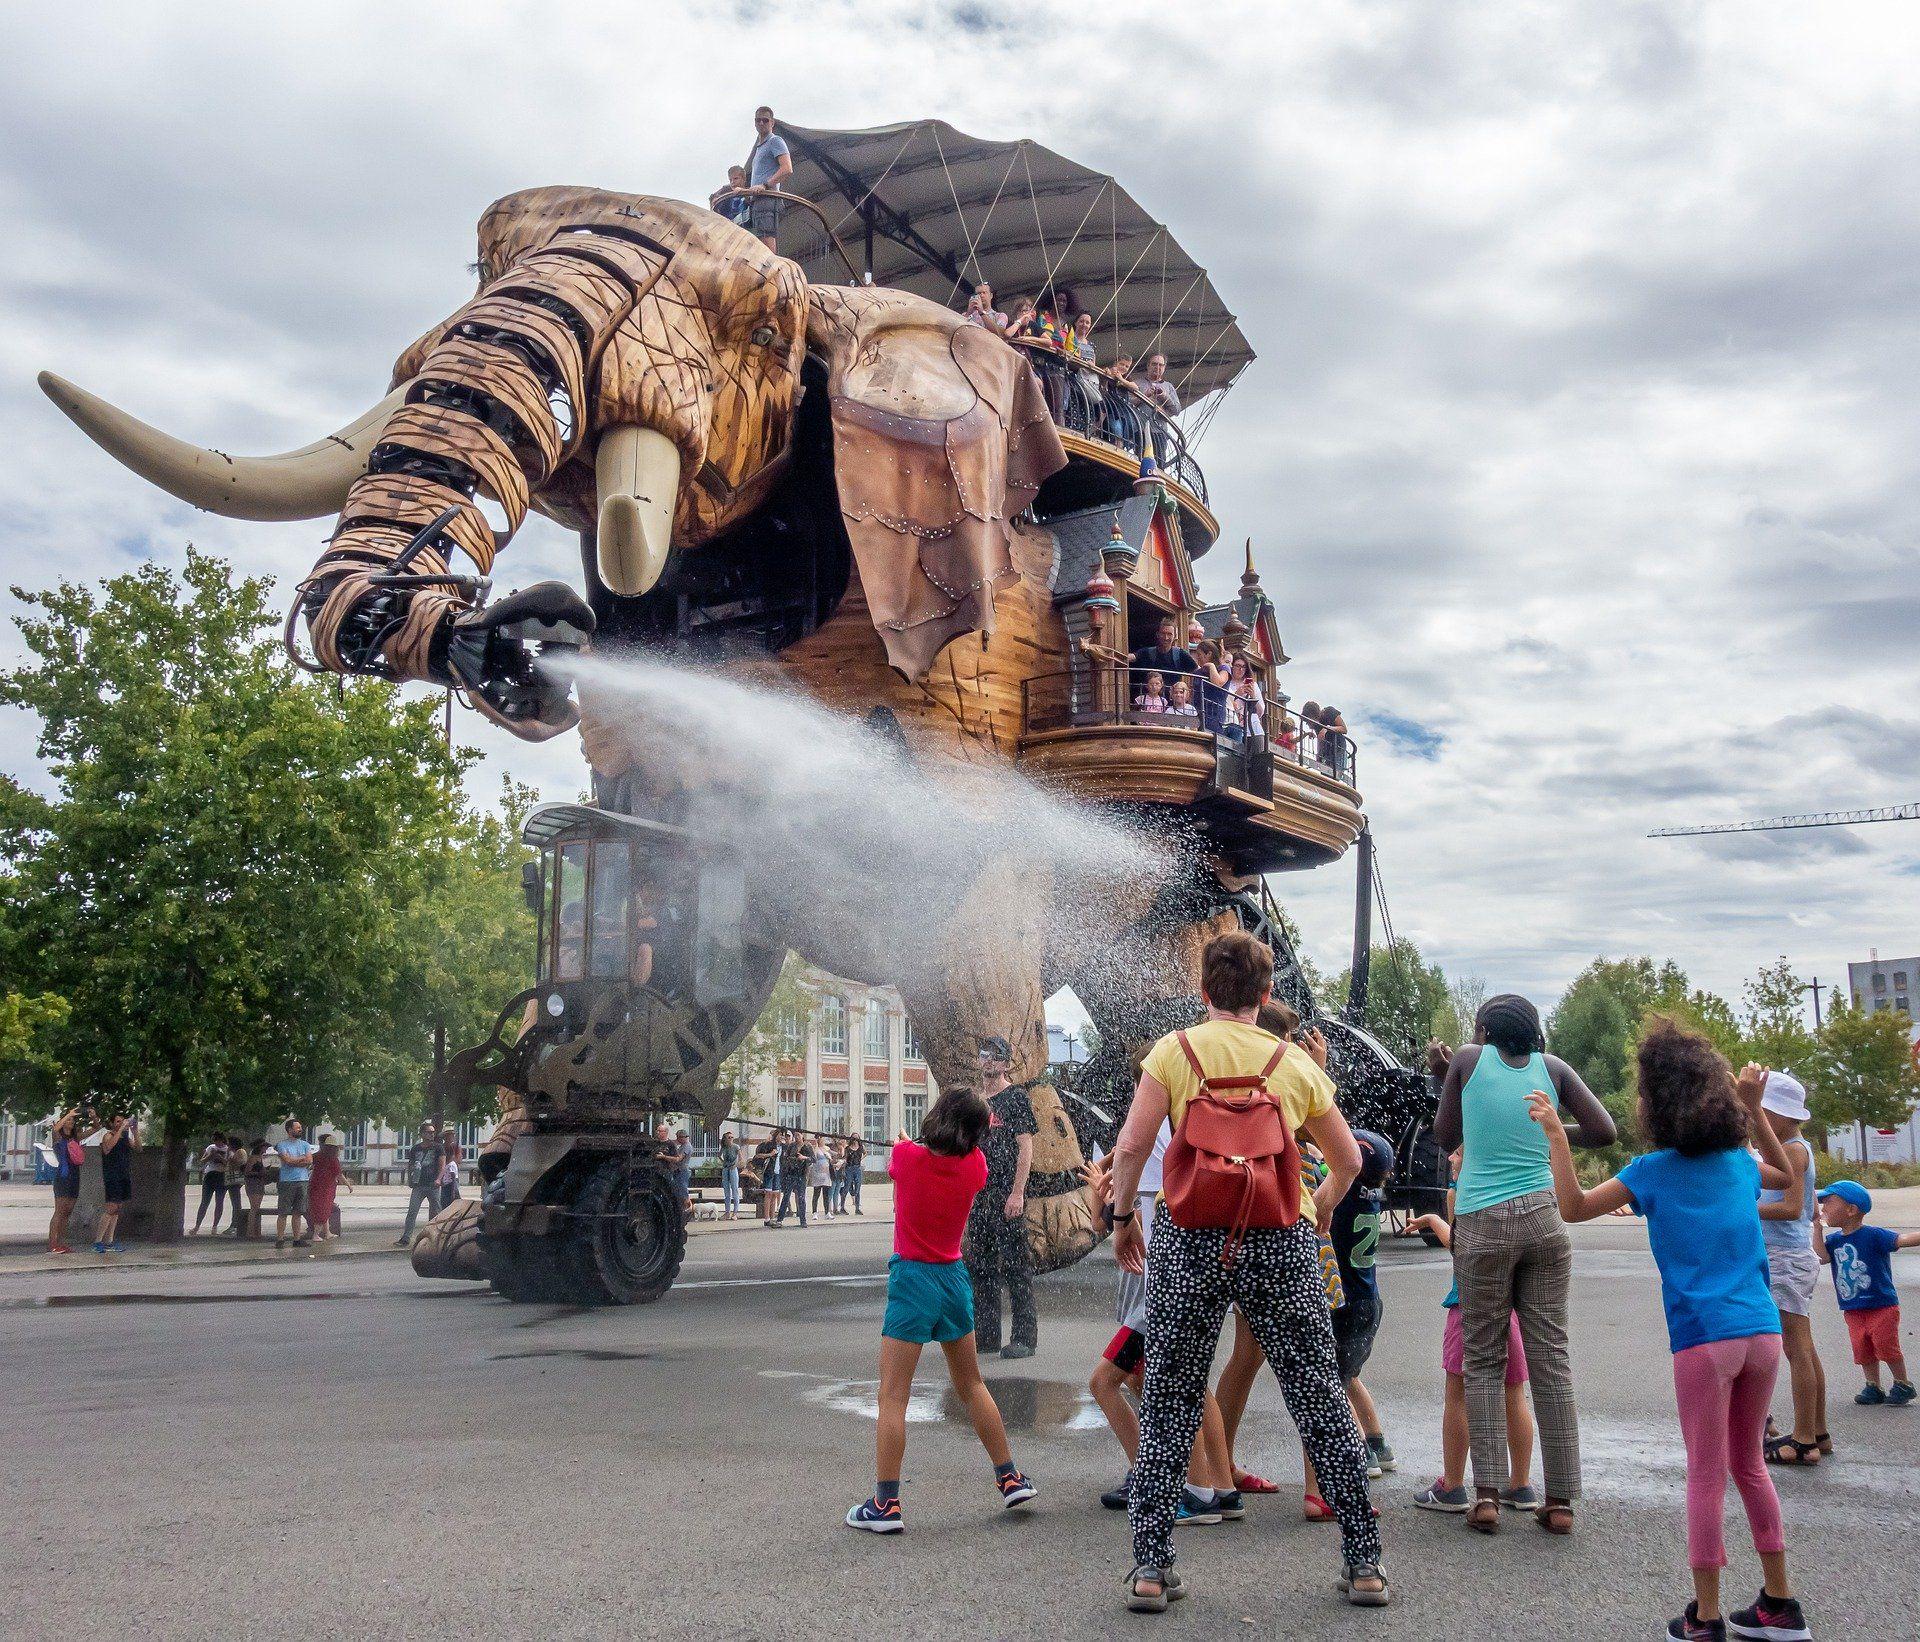 Eléphant des machines de l'île qui arrose des passants